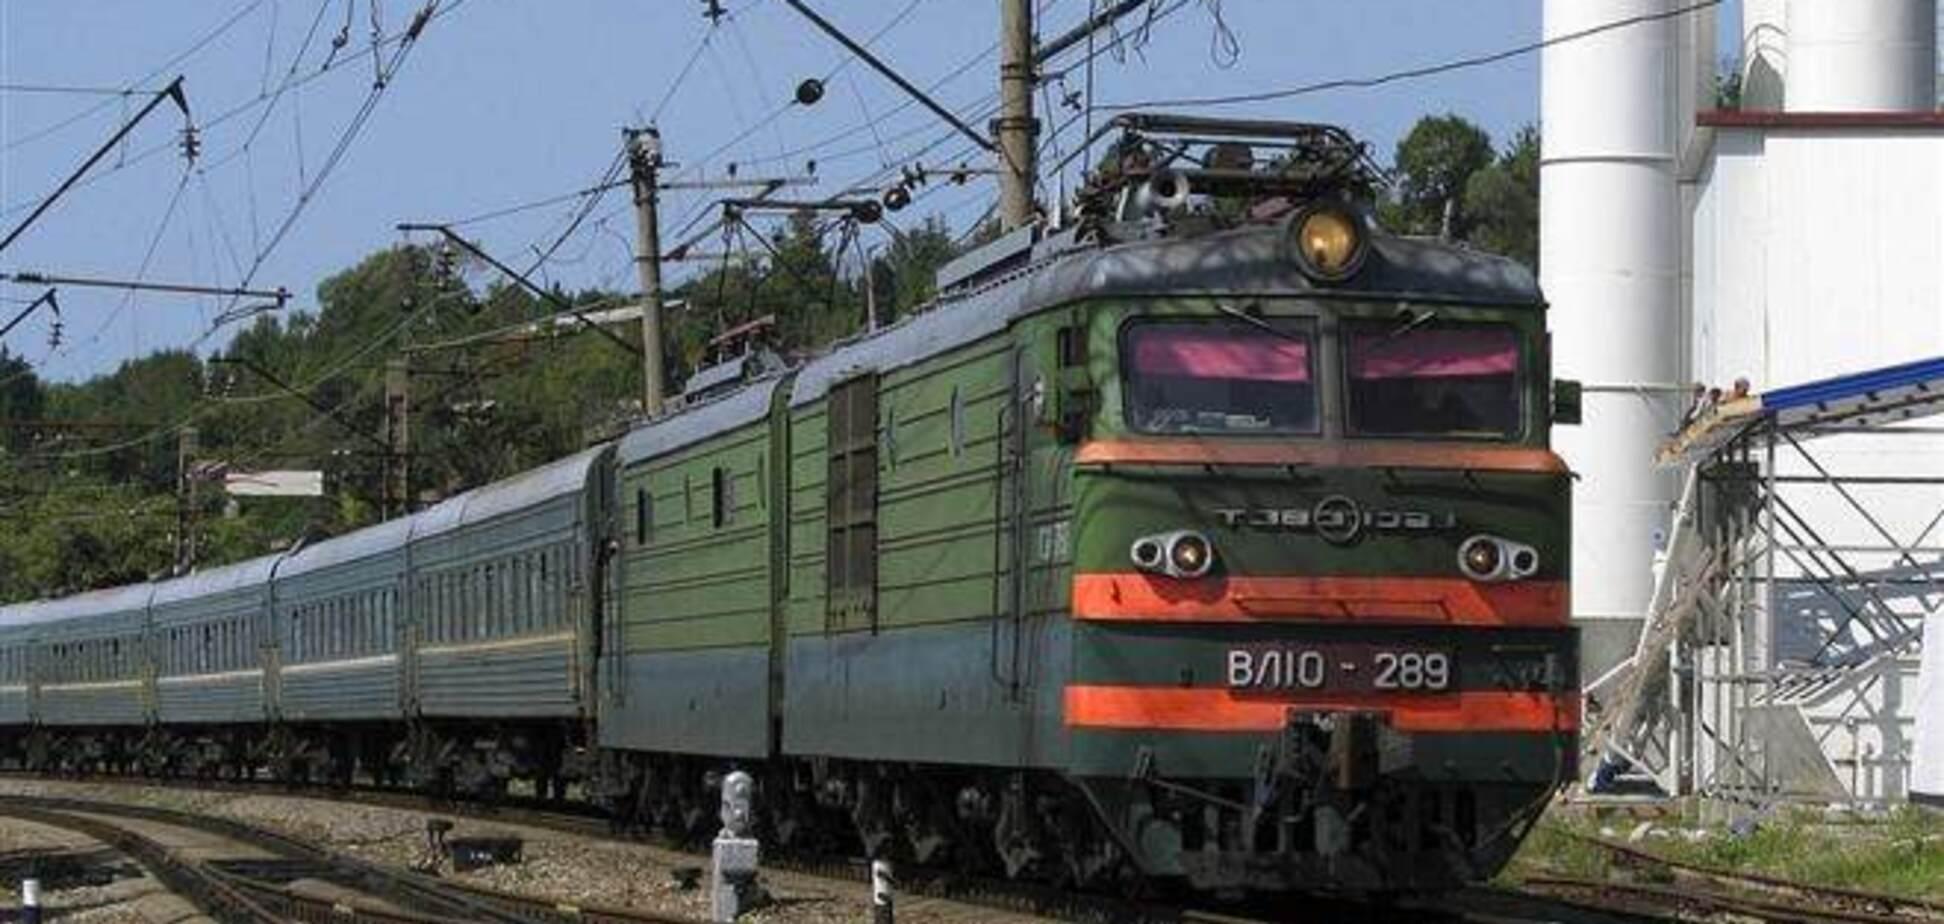 Поезда, курсирующие в Крым, обыскиваются 'самообороной'